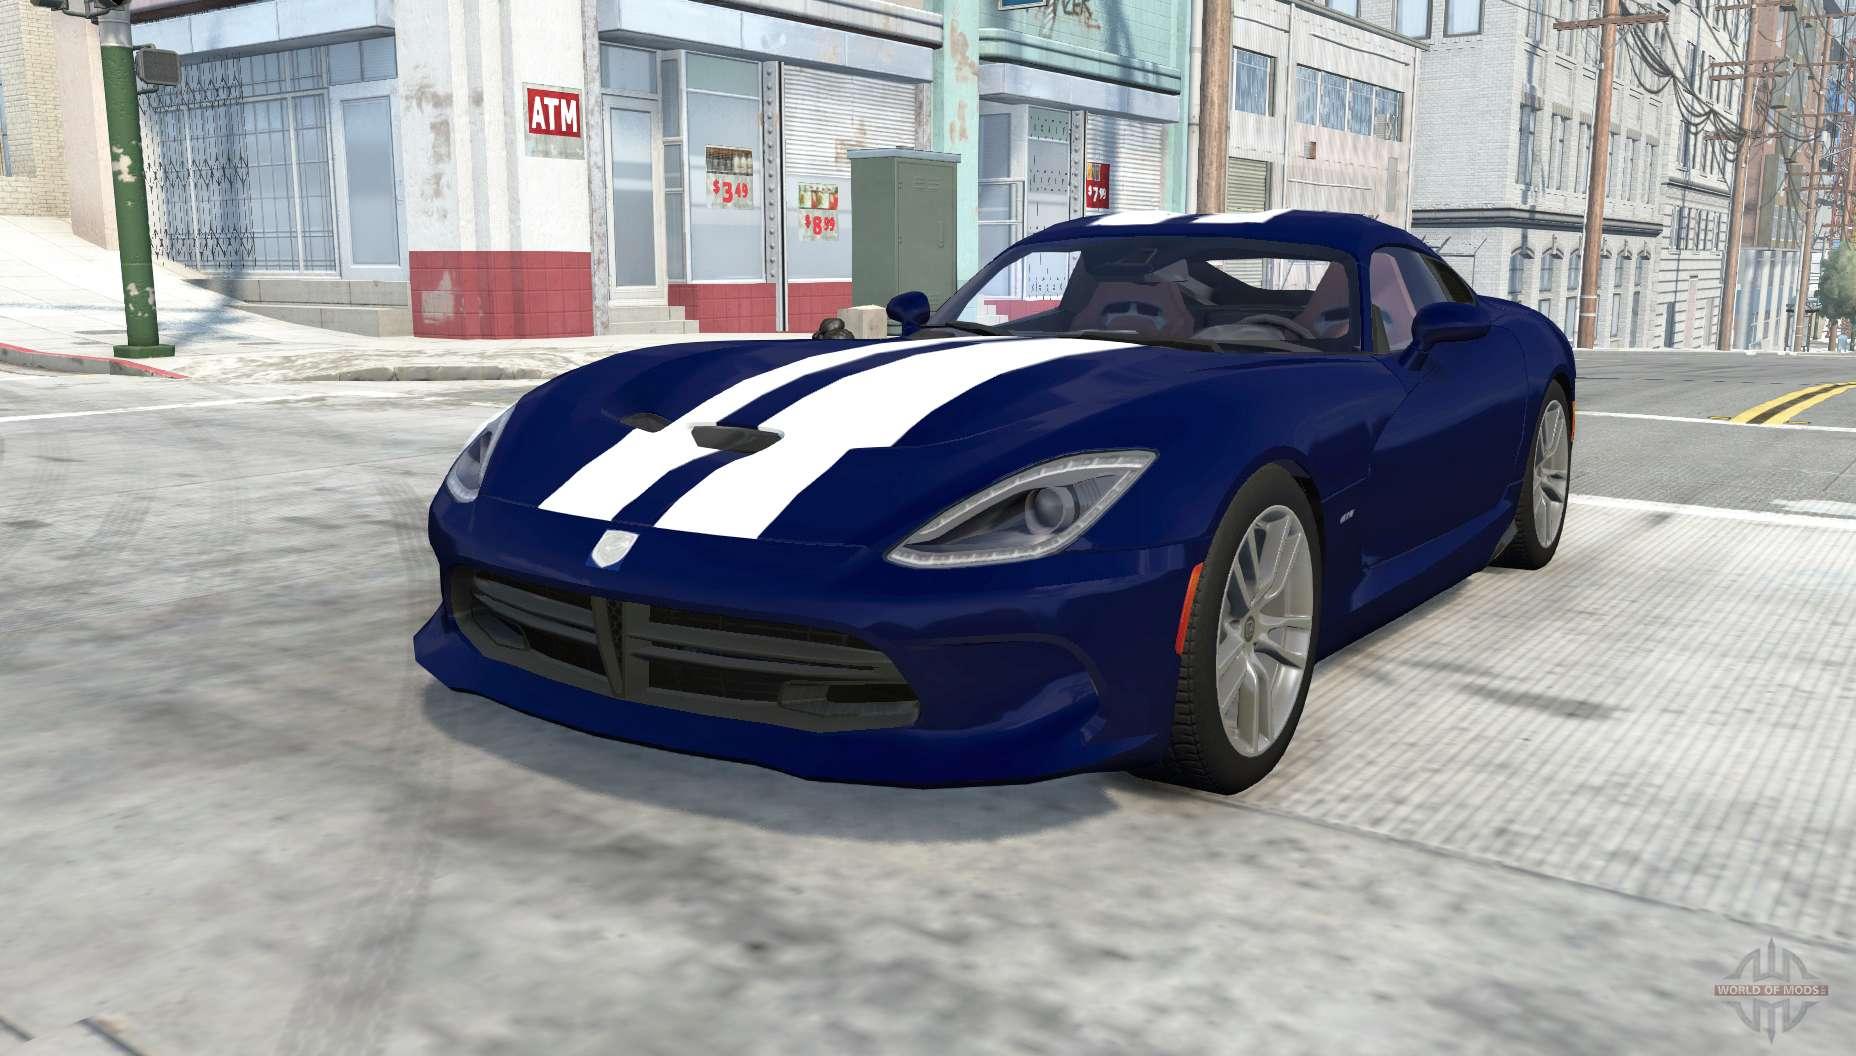 BeamNG.drive sur PC : retrouvez toutes les informations, les tests, les vidéos et actualités du jeu sur tous ses supports. eamNG.drive est une simulation automobile qui se veut très réaliste.